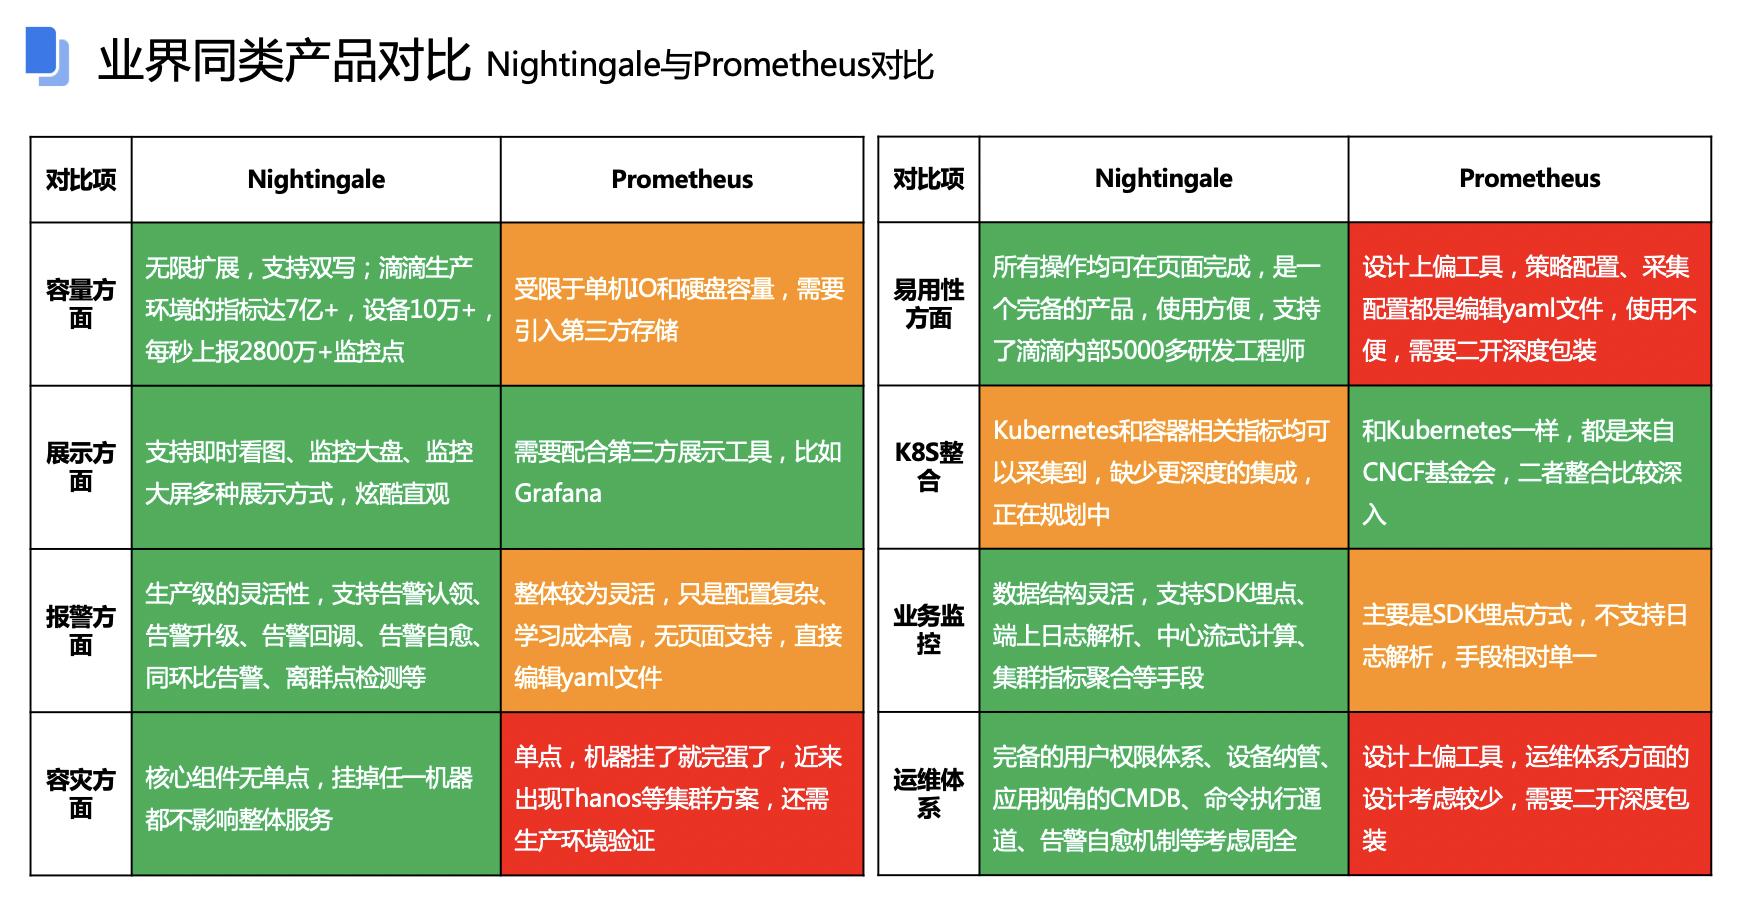 三分钟构建自动化运维平台-nightingale(夜莺)插图(2)